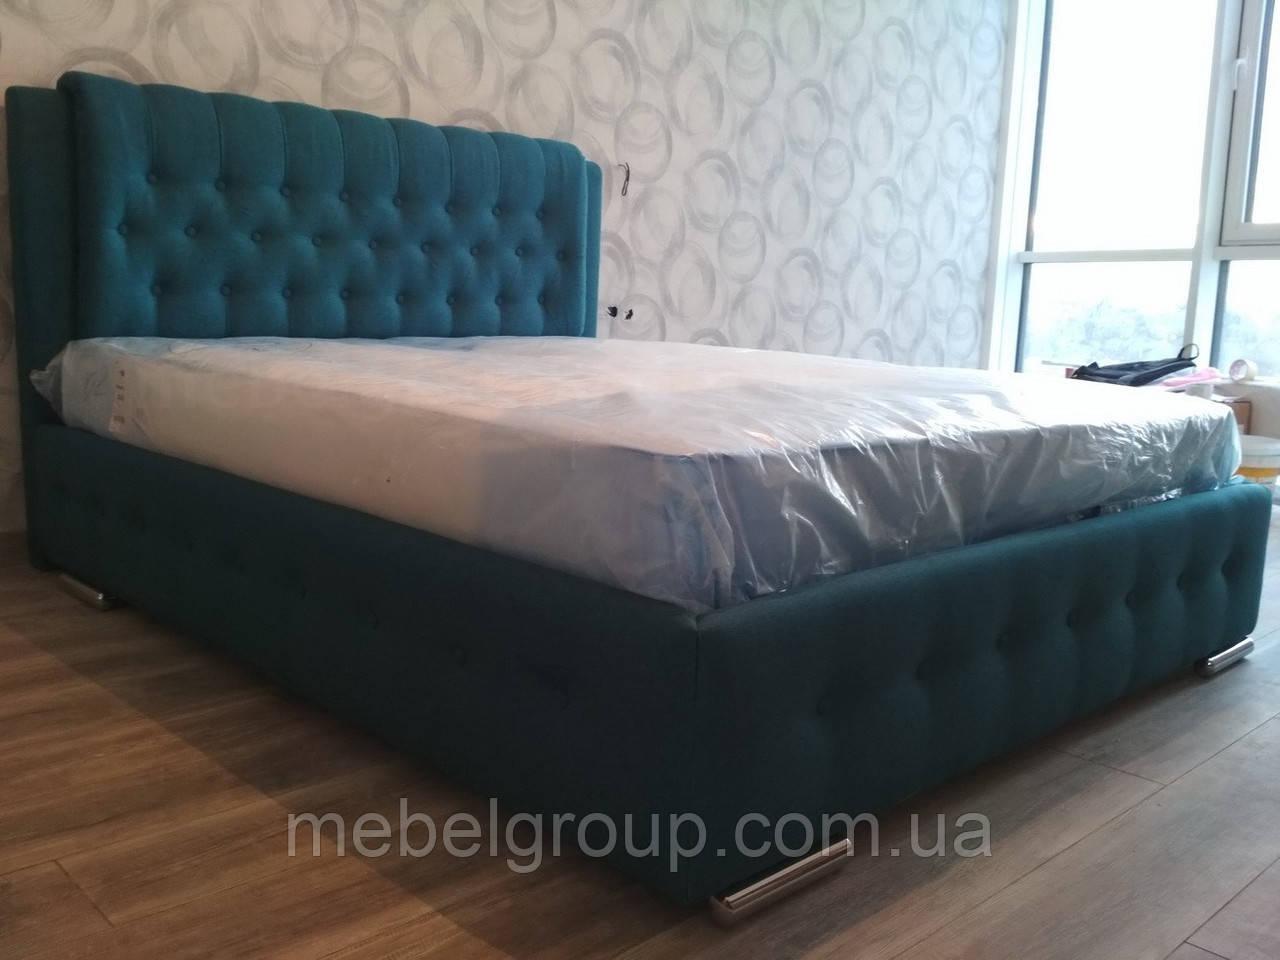 Кровать Беатрис 160*200 с механизмом